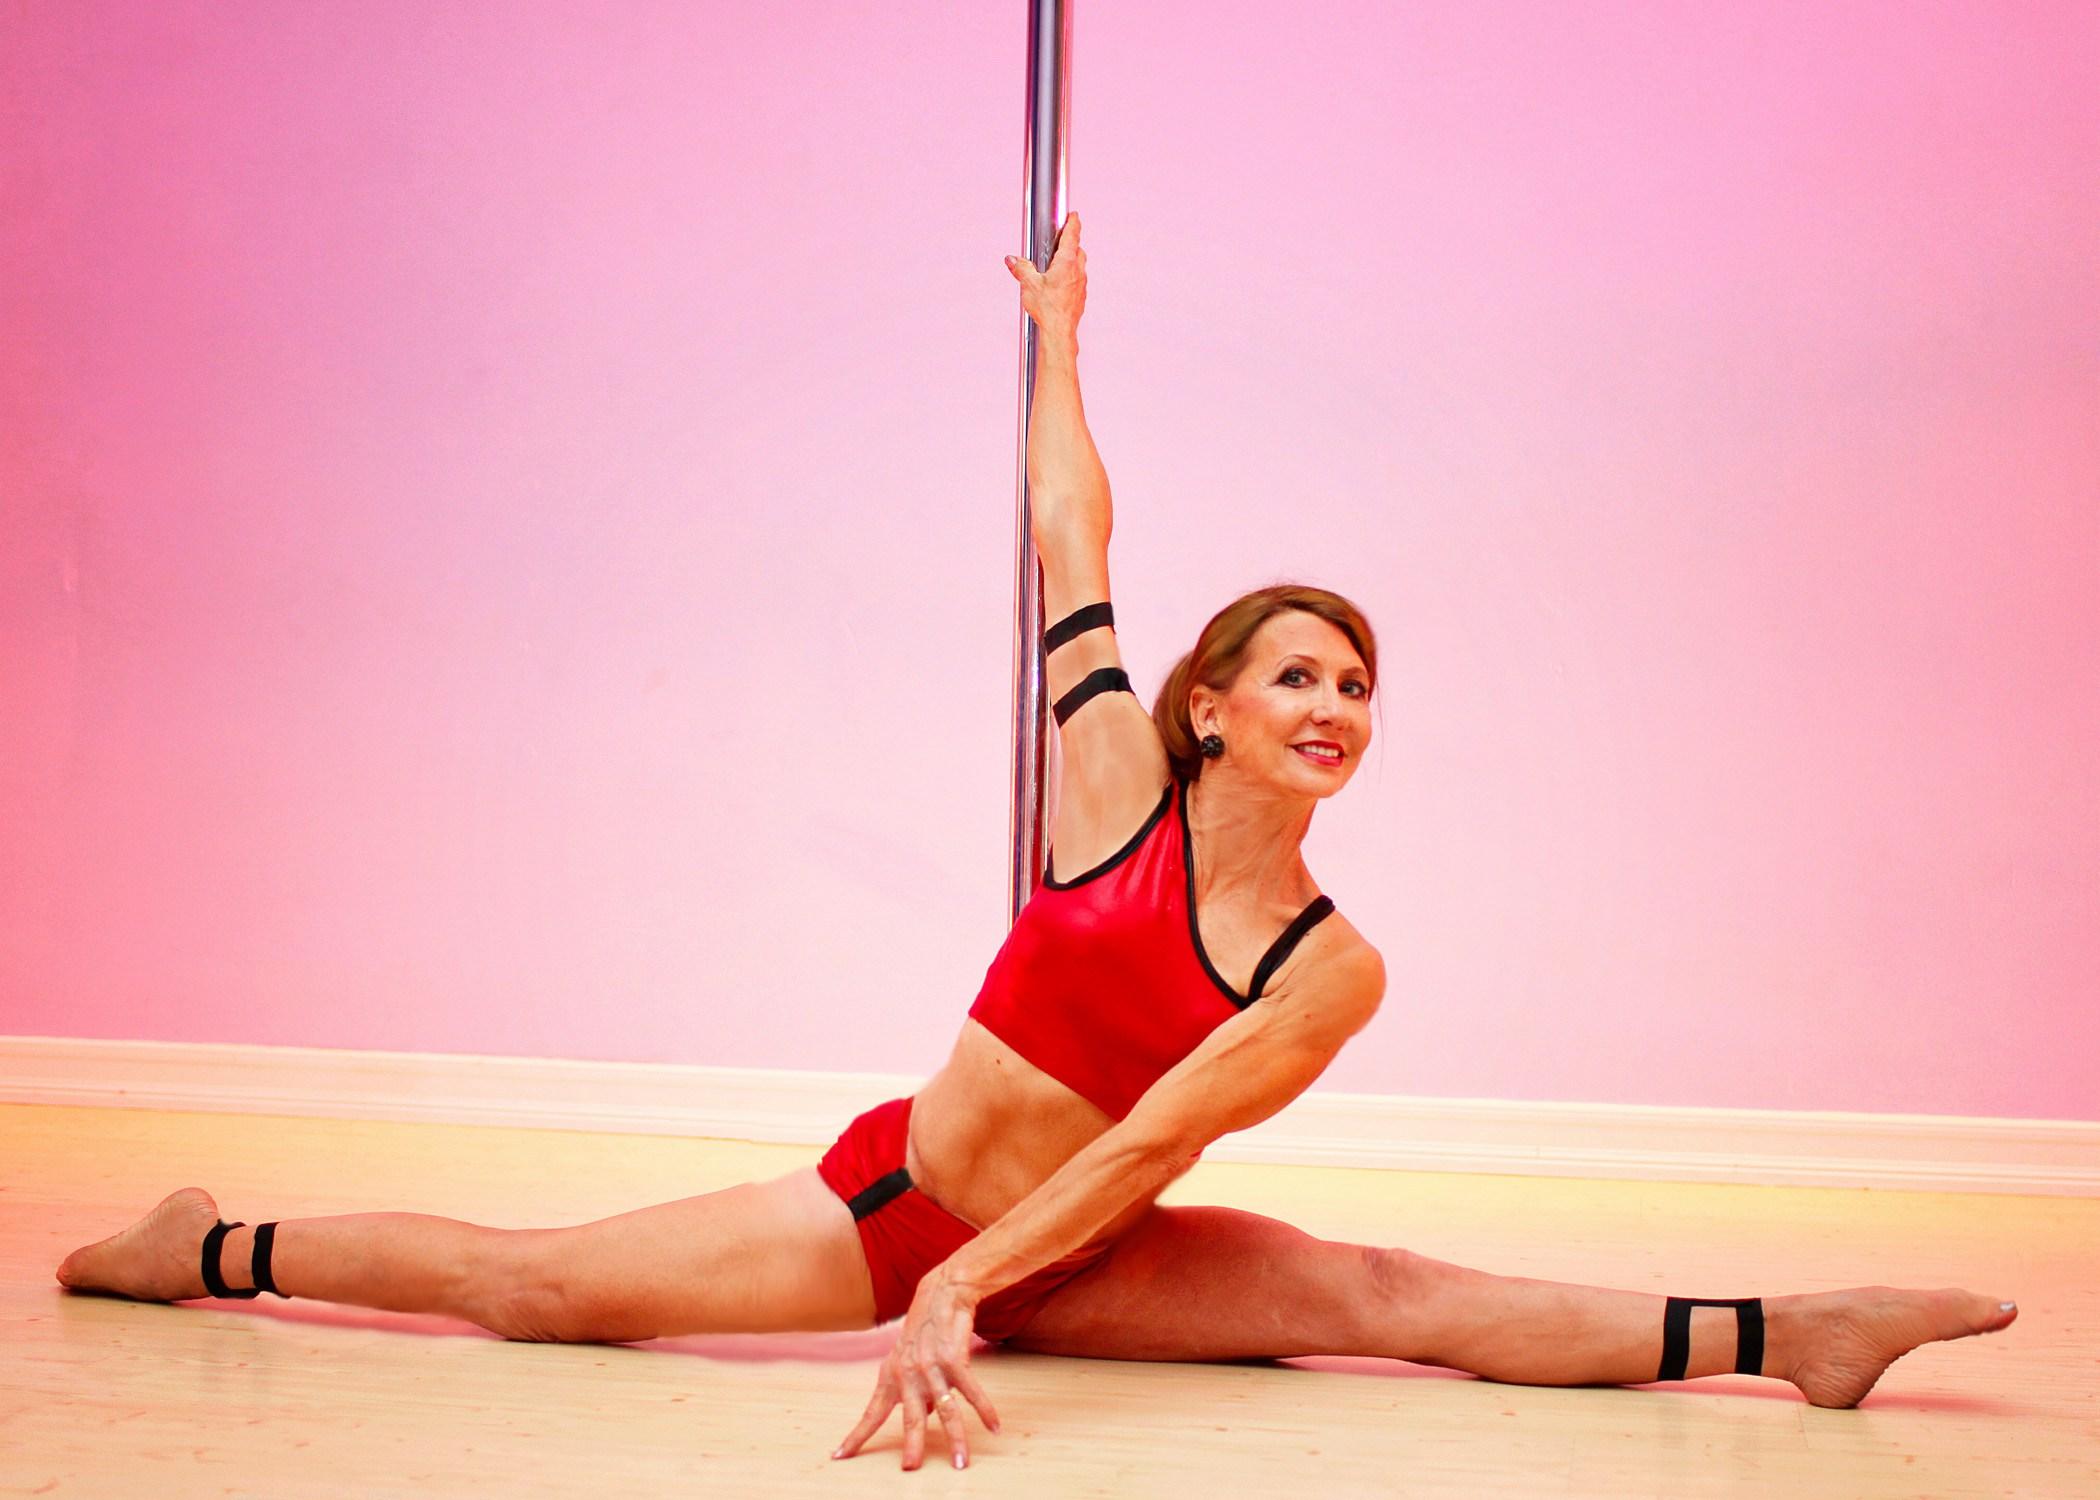 Começou Pole Dance Aos 59 Anos, Agora Aos 67 é 5 Vezes Campeã Do Mundo 4